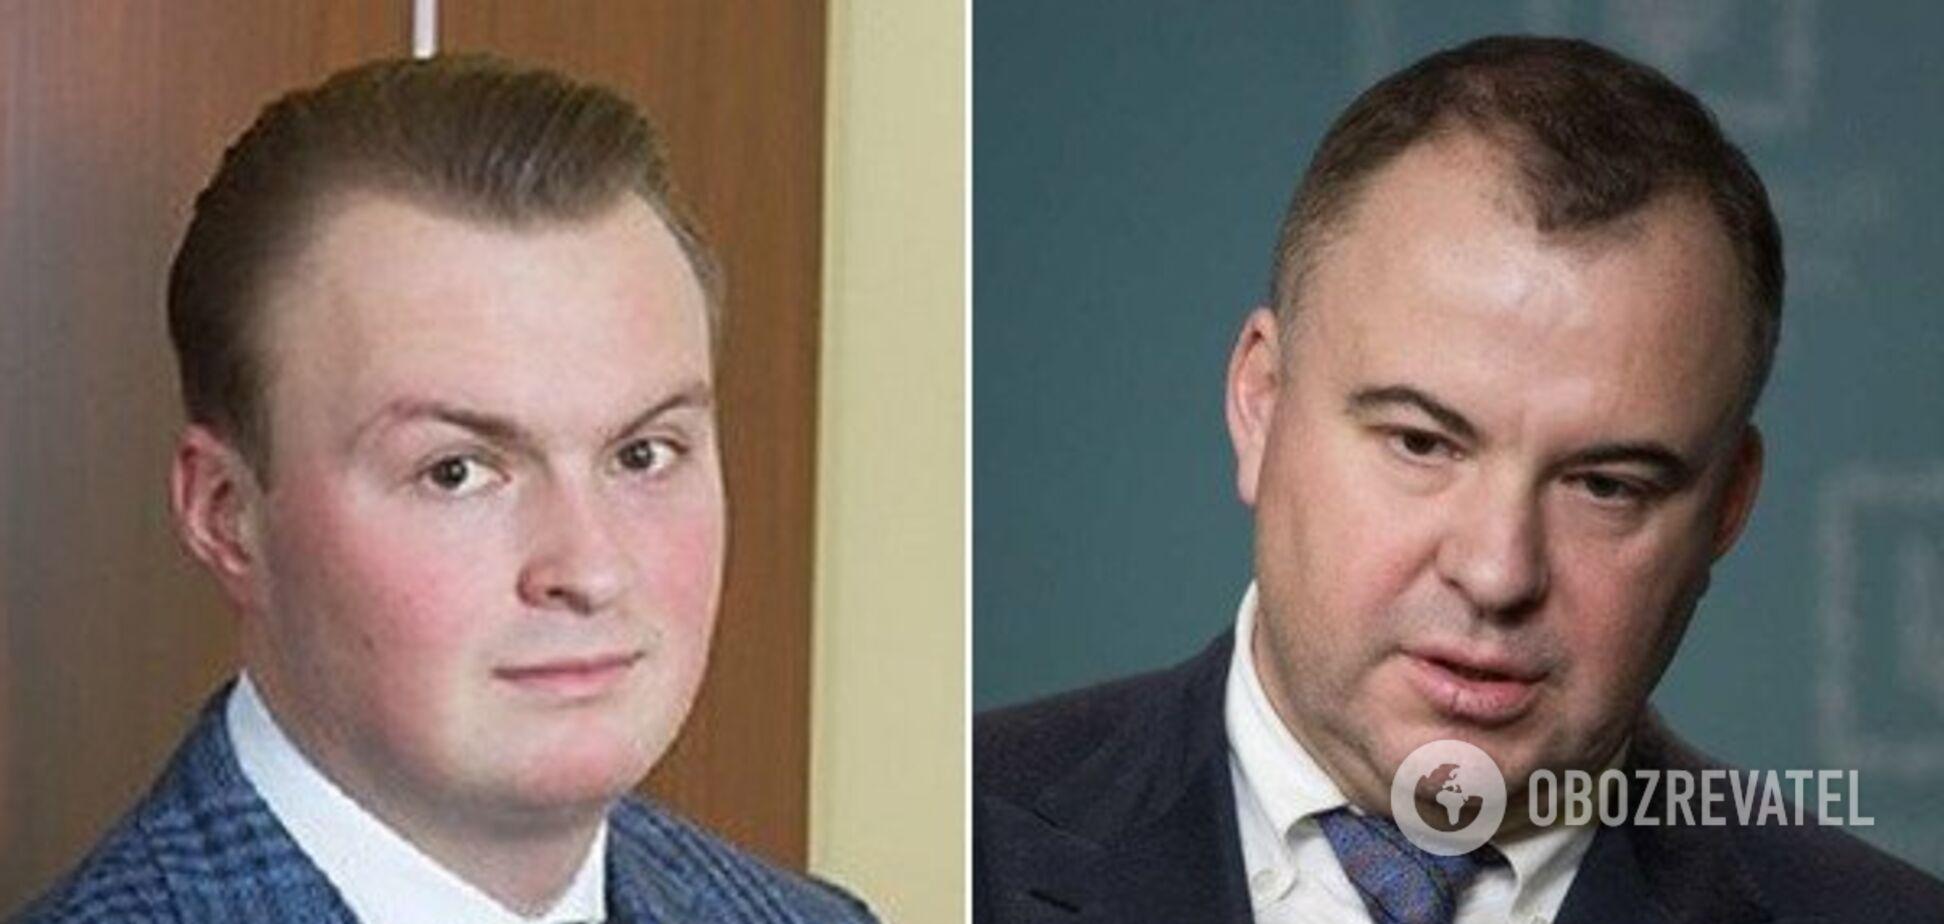 Скандал в Укроборонпроме: СМИ выяснили, кто слил переписку Гладковских